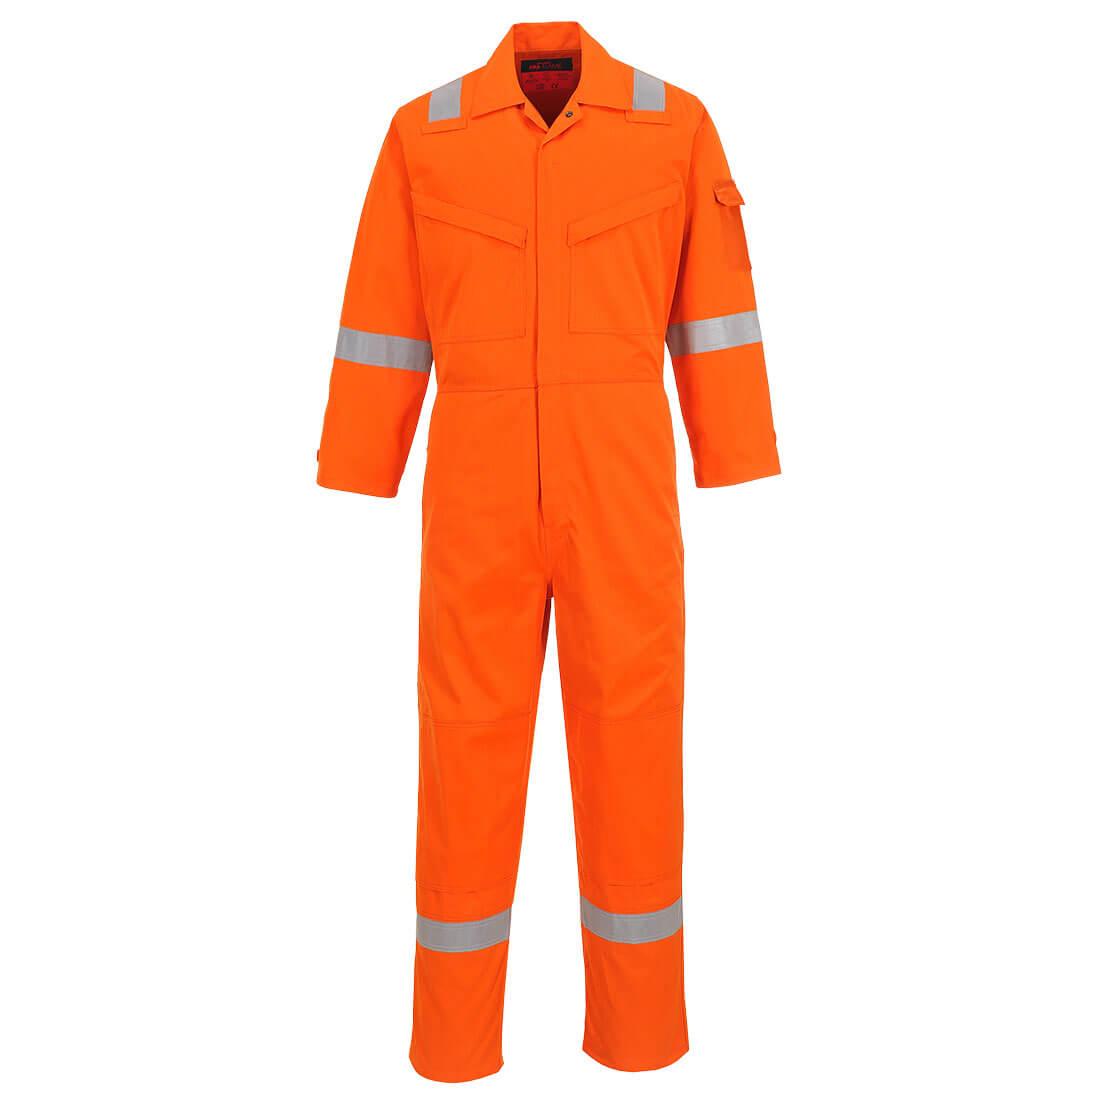 Araflame Silver Coverall Orange 48R